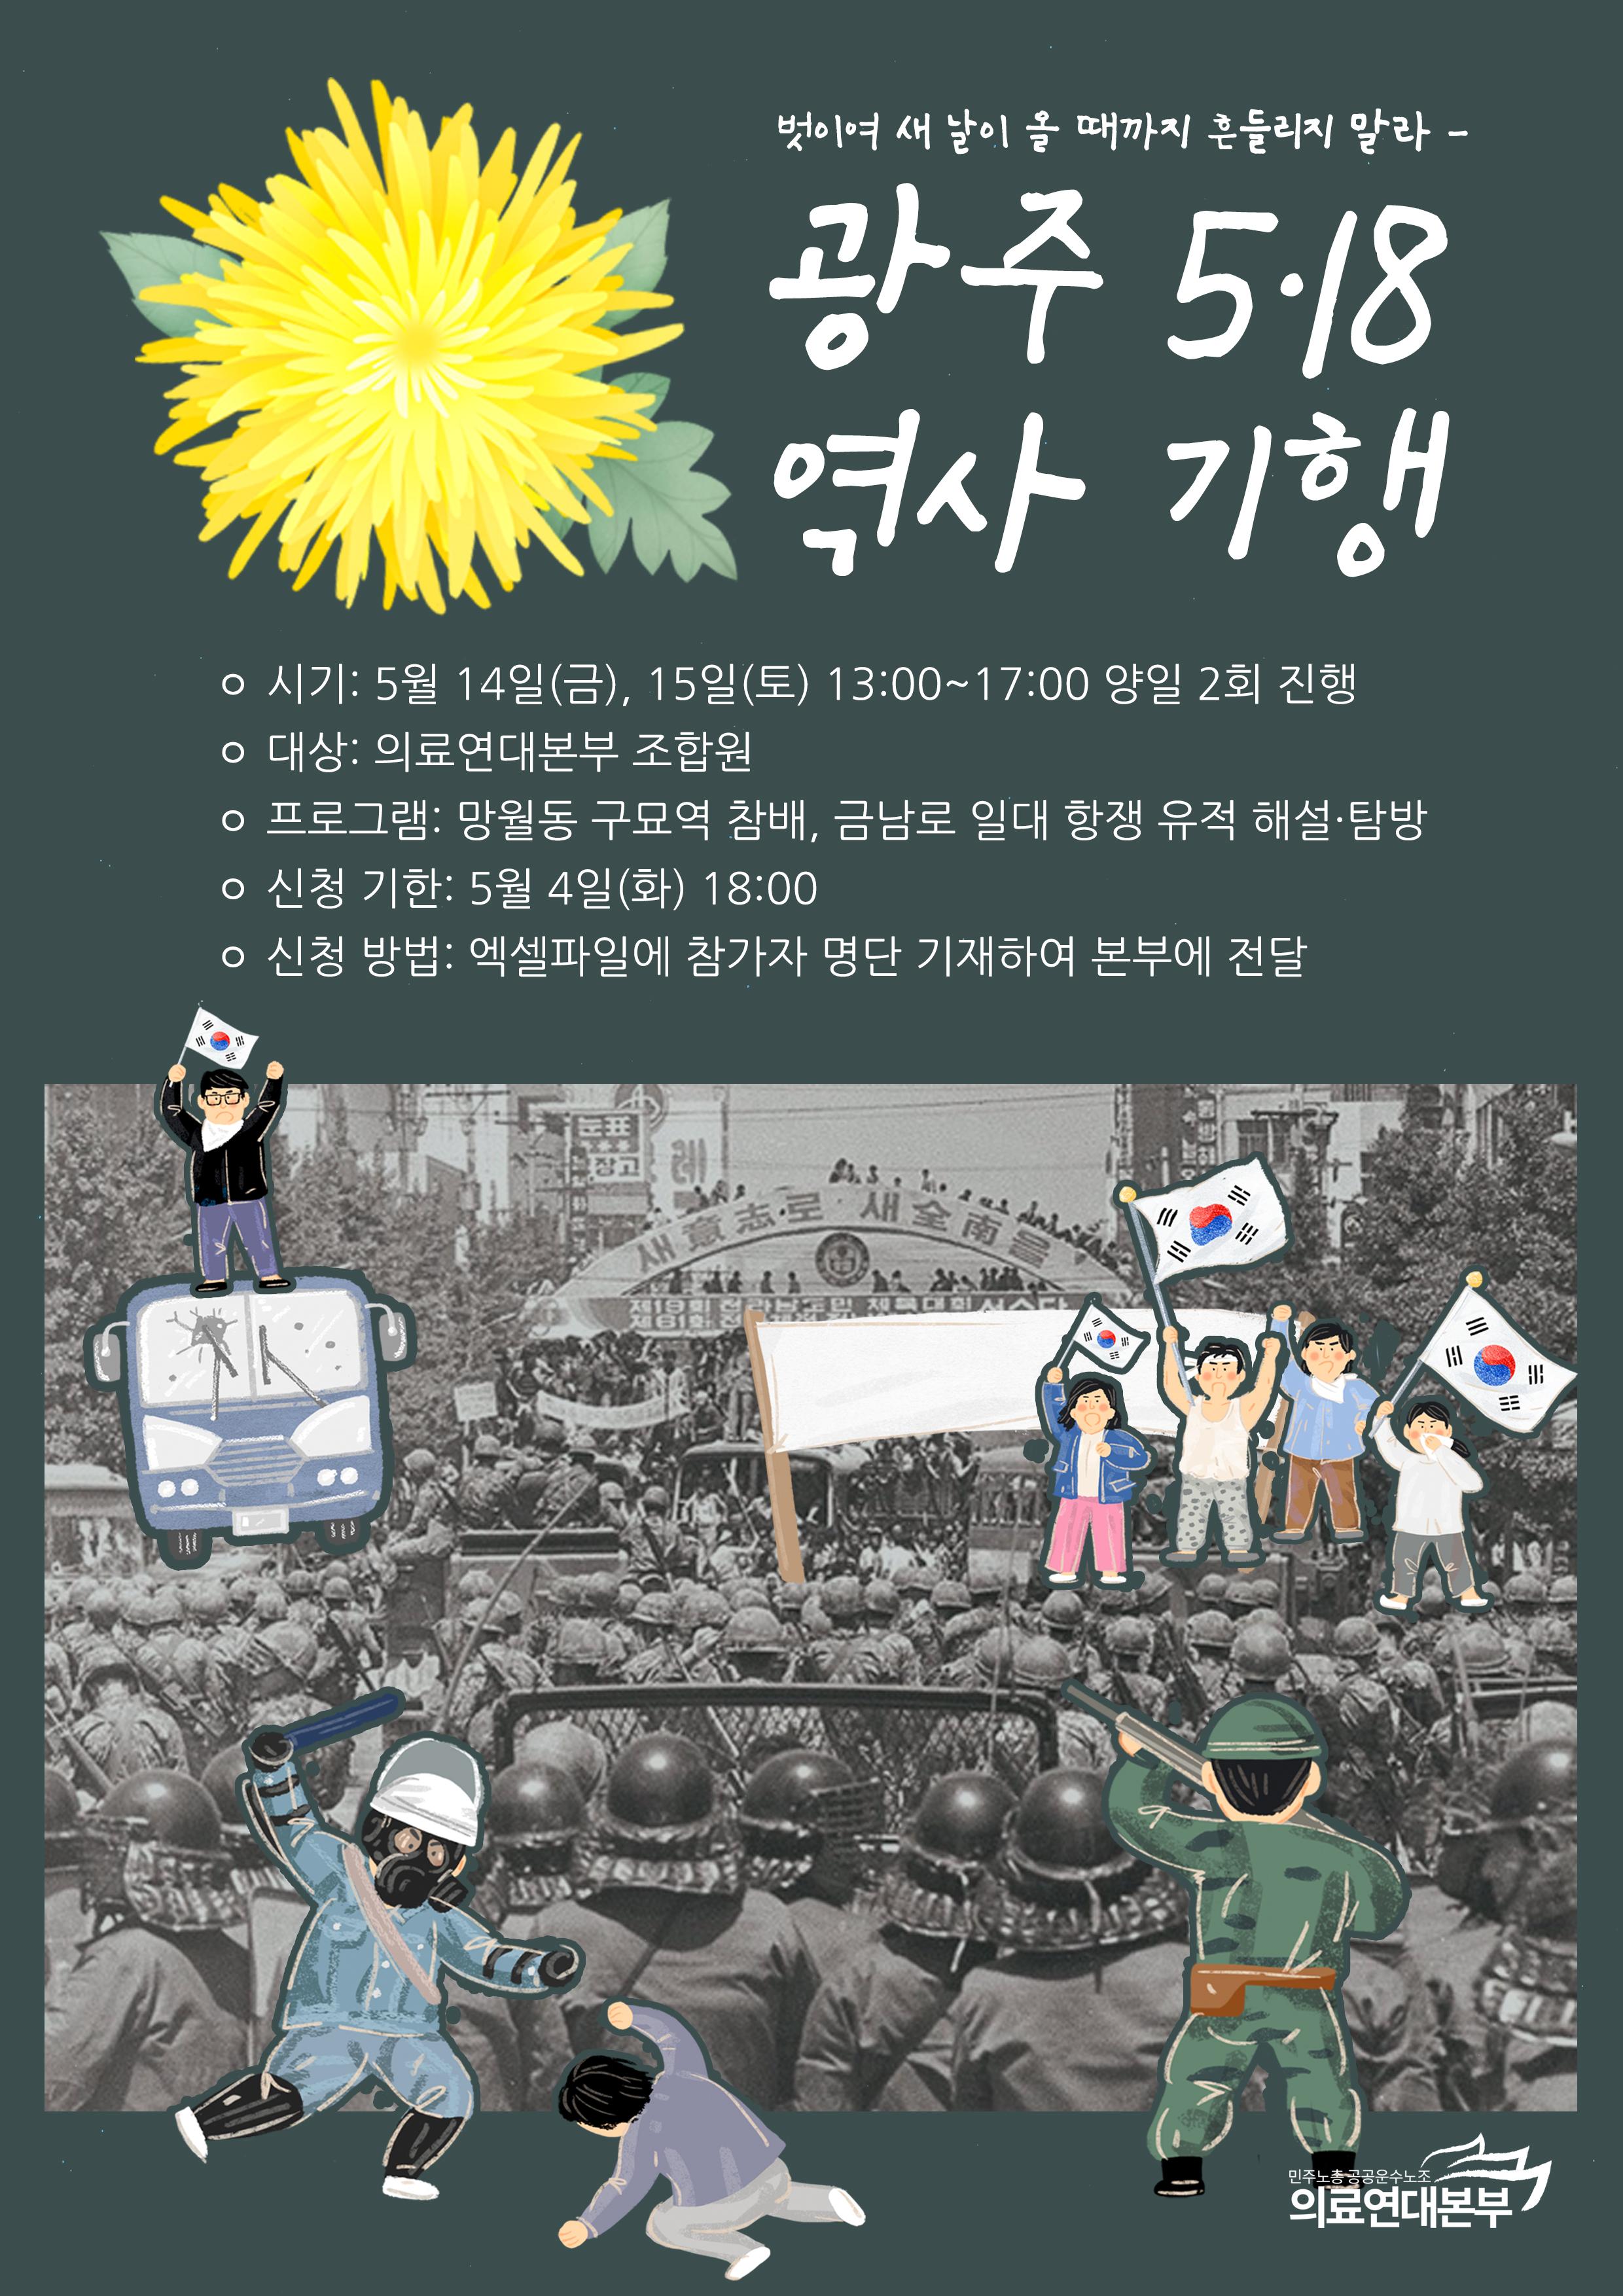 광주웹자보(본부공유용).jpg